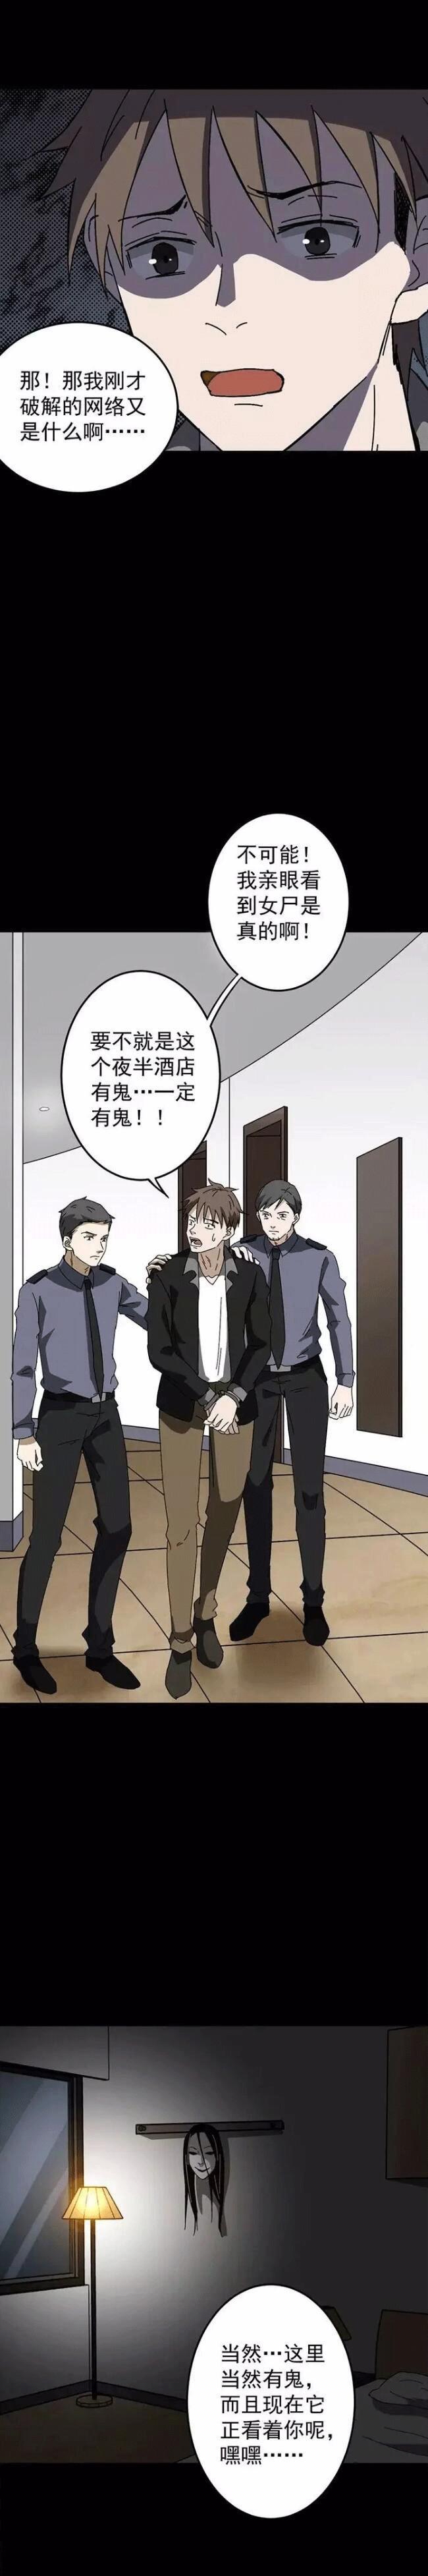 驚悚漫畫: 《酒店有鬼》黑客在酒店被鬼嚇到, 然後自己就被警察抓走瞭-圖16